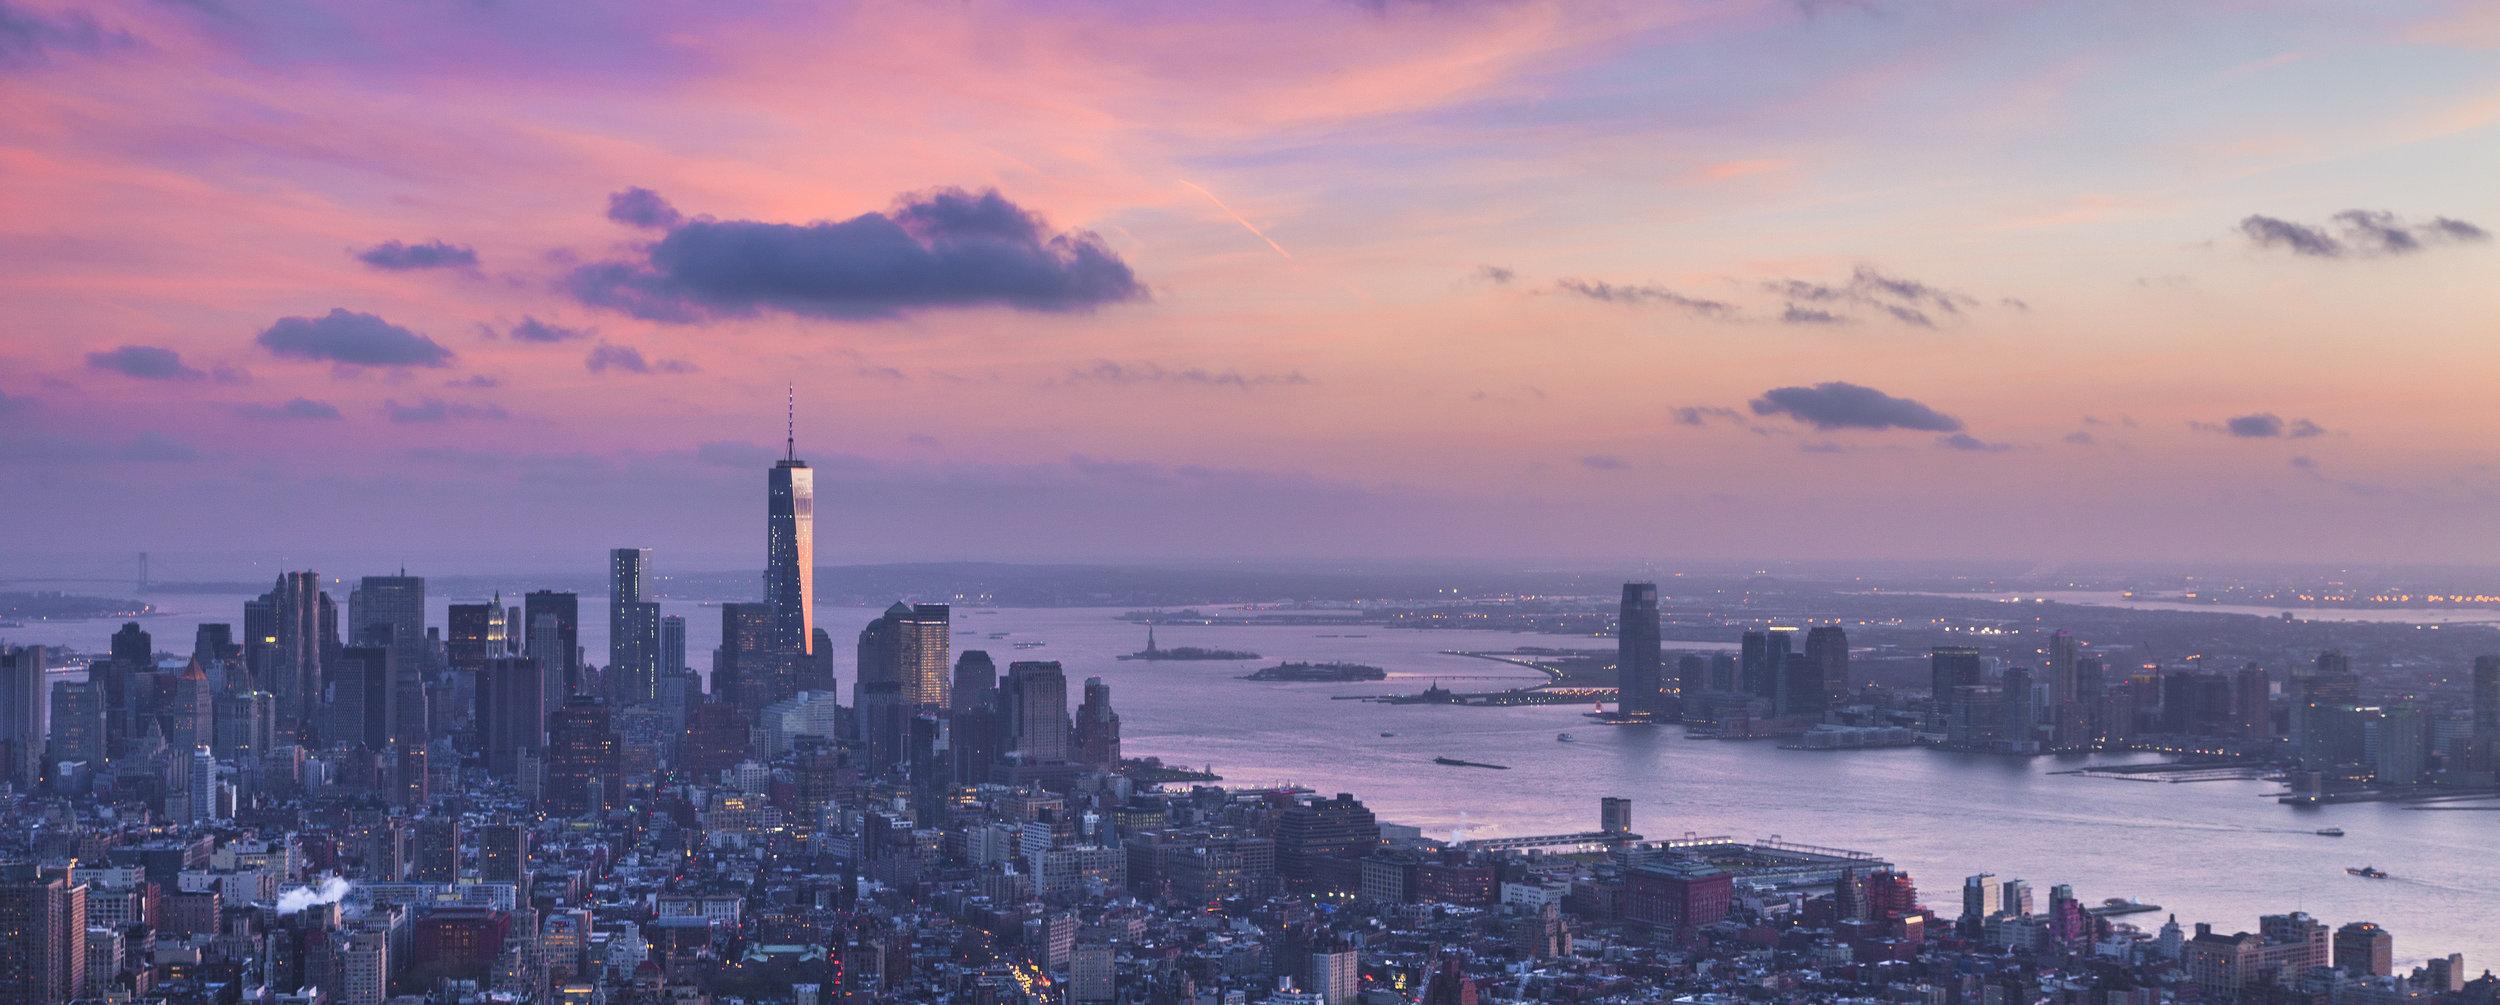 New York Panoramic.jpg